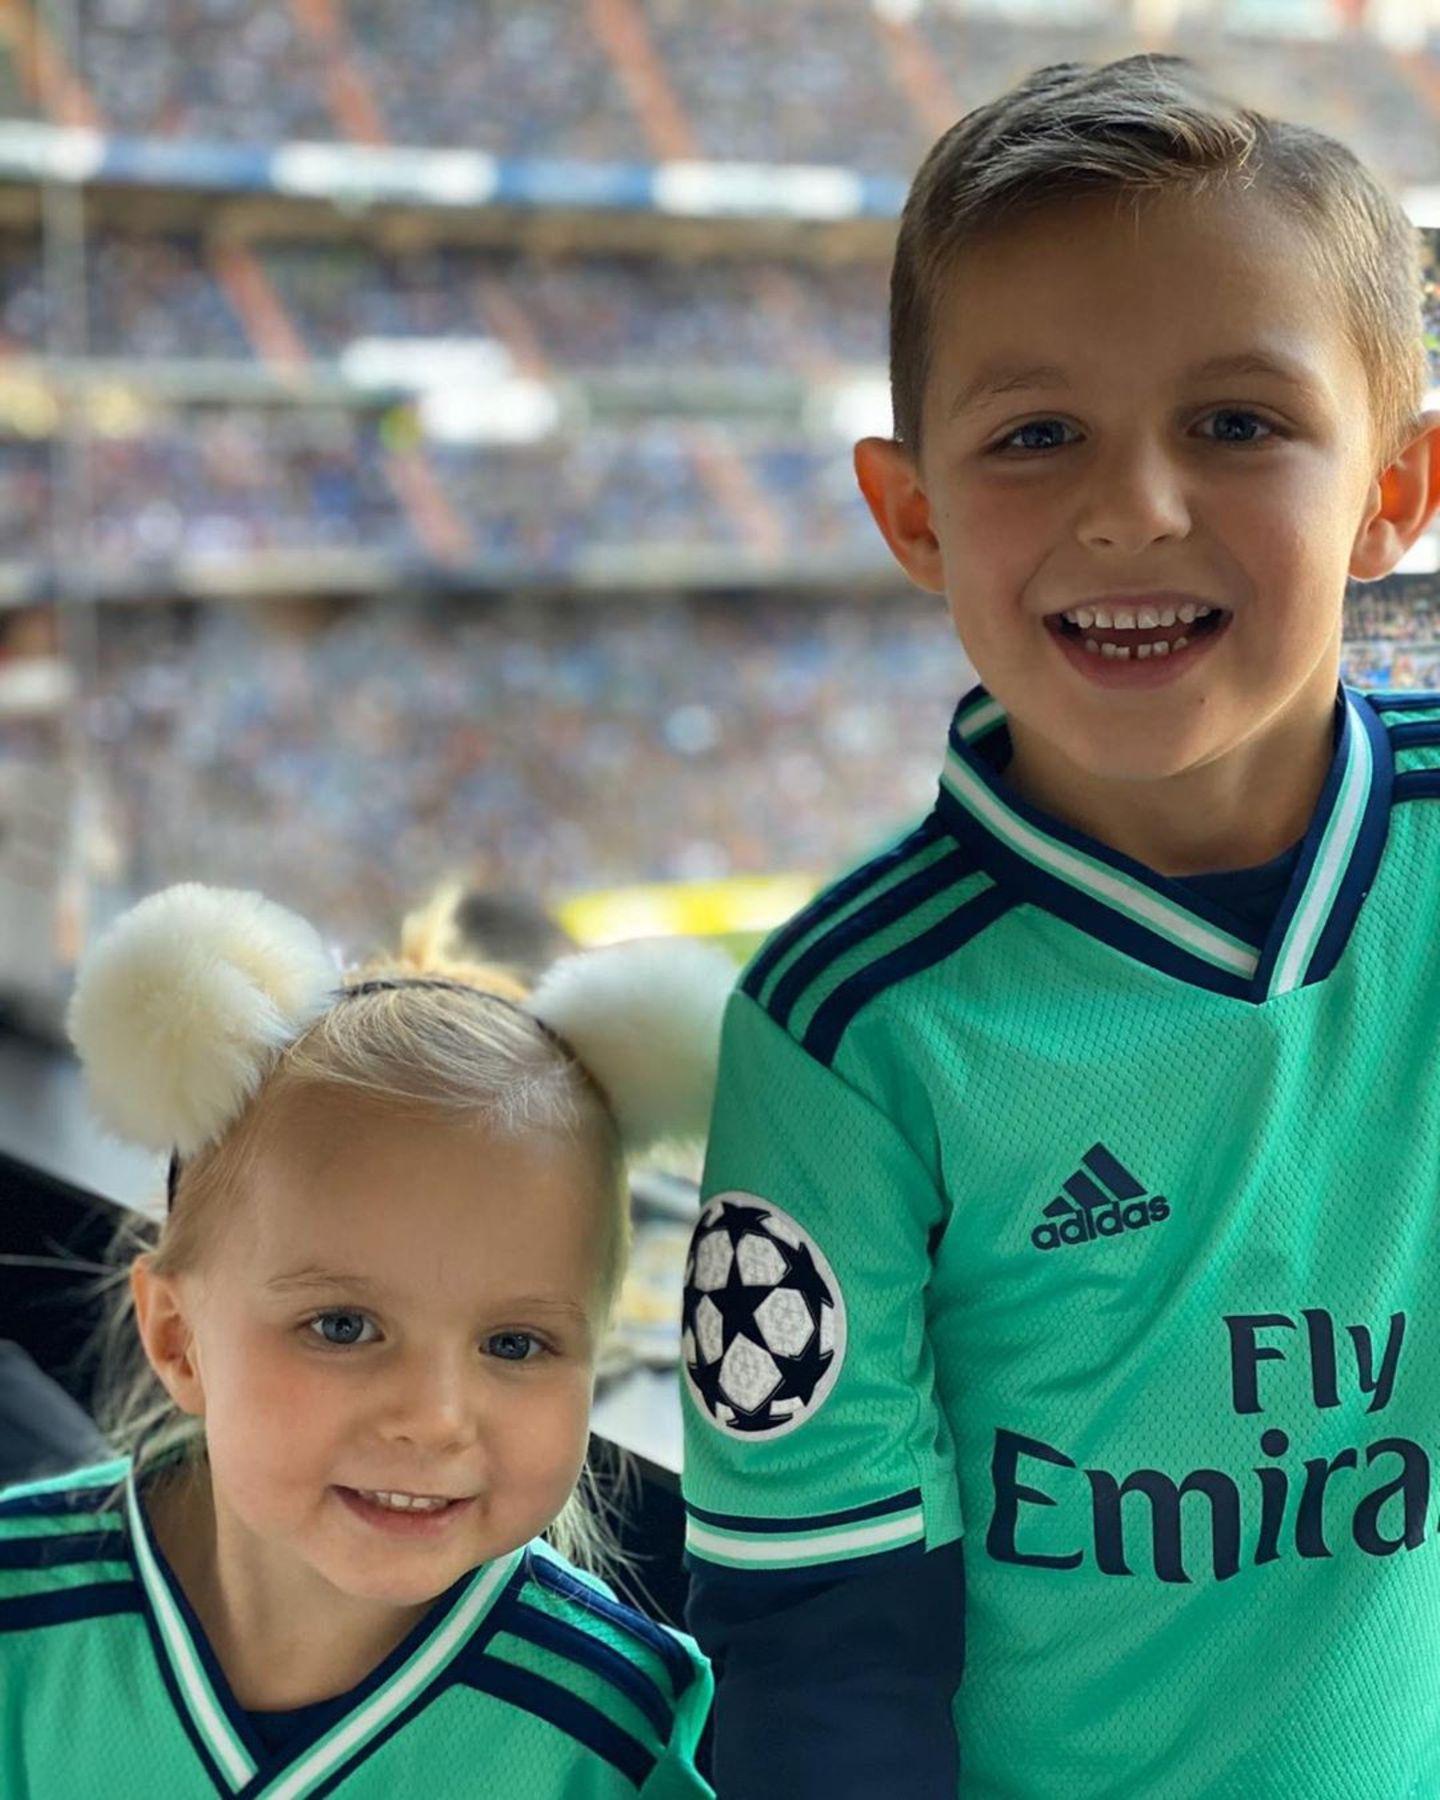 Und jetzt alle: Oh, wie süüüß! Toni Kroos postete dieses Bild seiner Kinder Amelie (links) und Leon im Stadion. Gutes Anfeuern muss schließlich früh geübt werden.